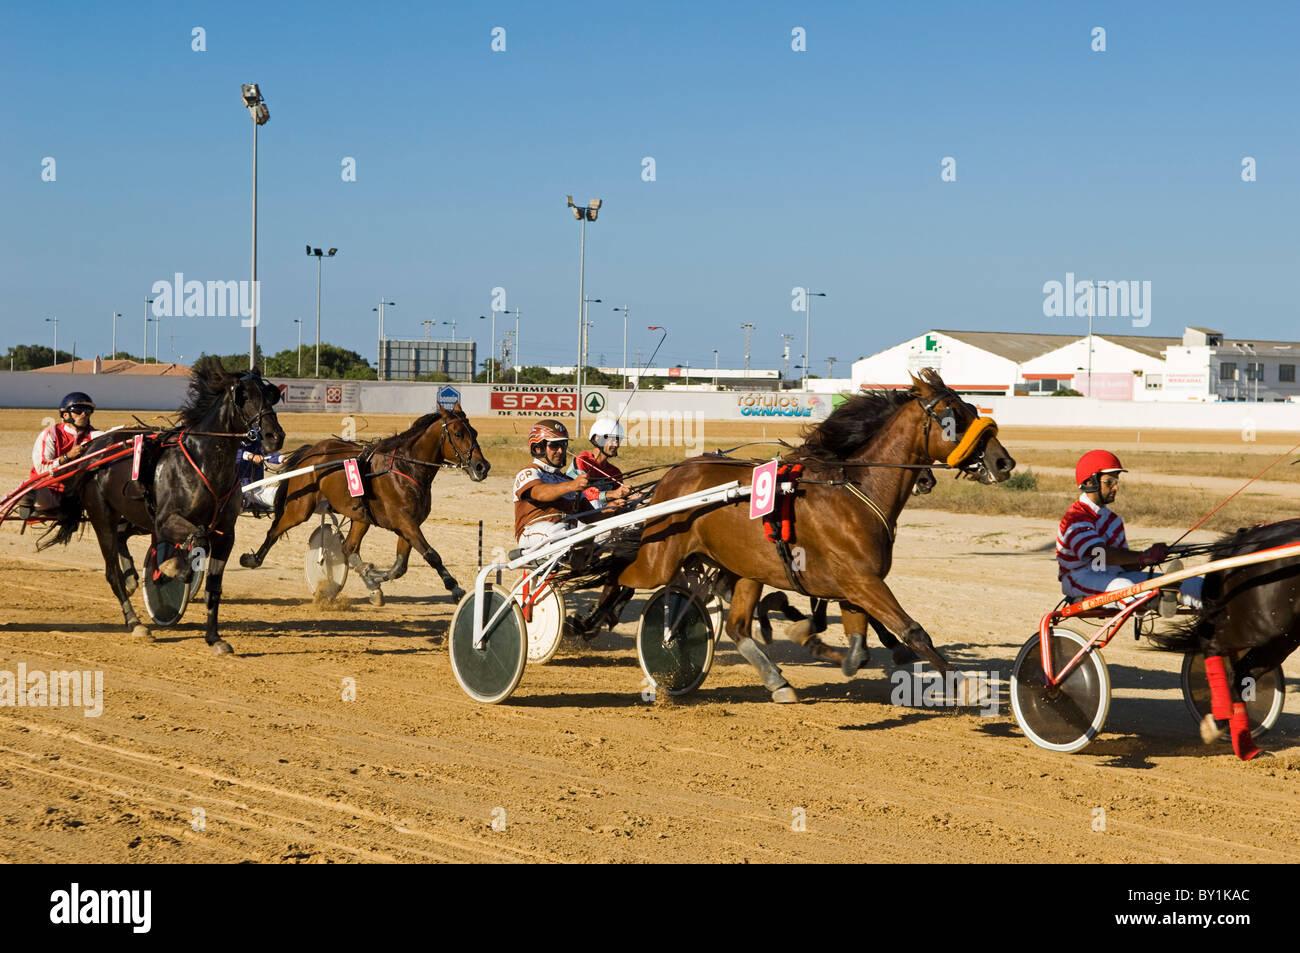 España, Menorca, Mahón. Carreras de caballos en el Hipódromo de carretera San Luis son un entretenimiento Imagen De Stock